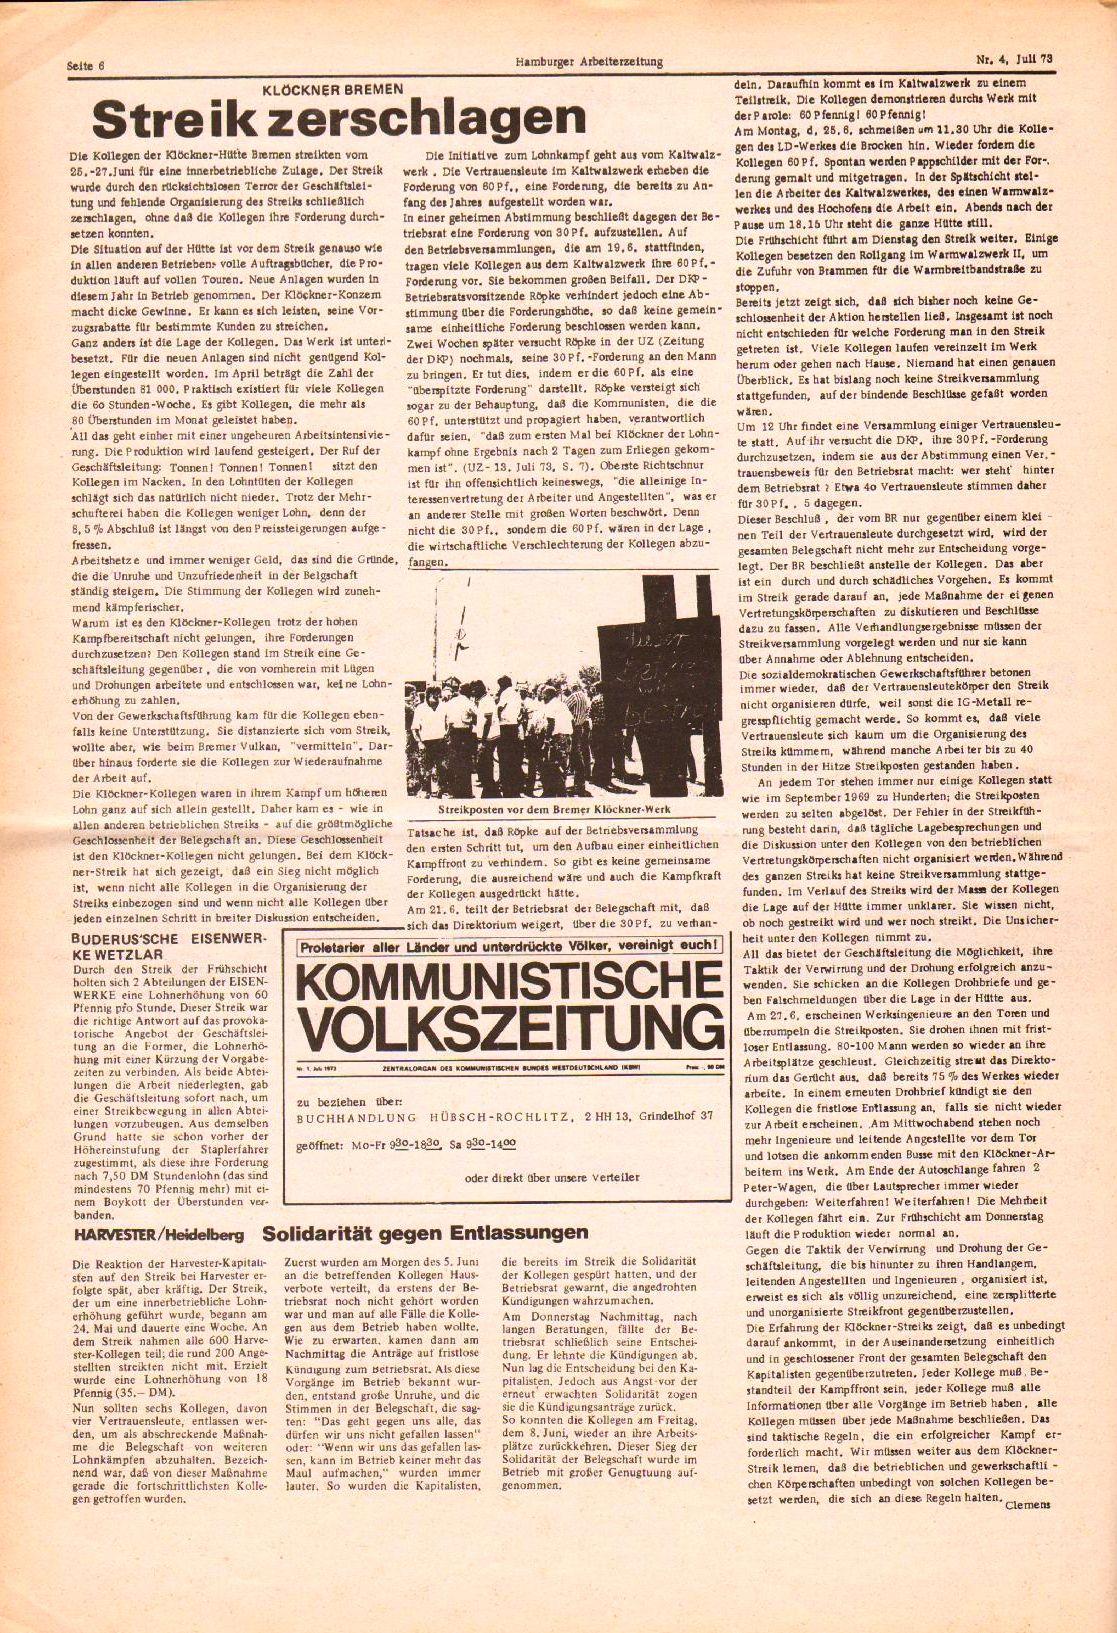 Hamburger_Arbeiterzeitung070